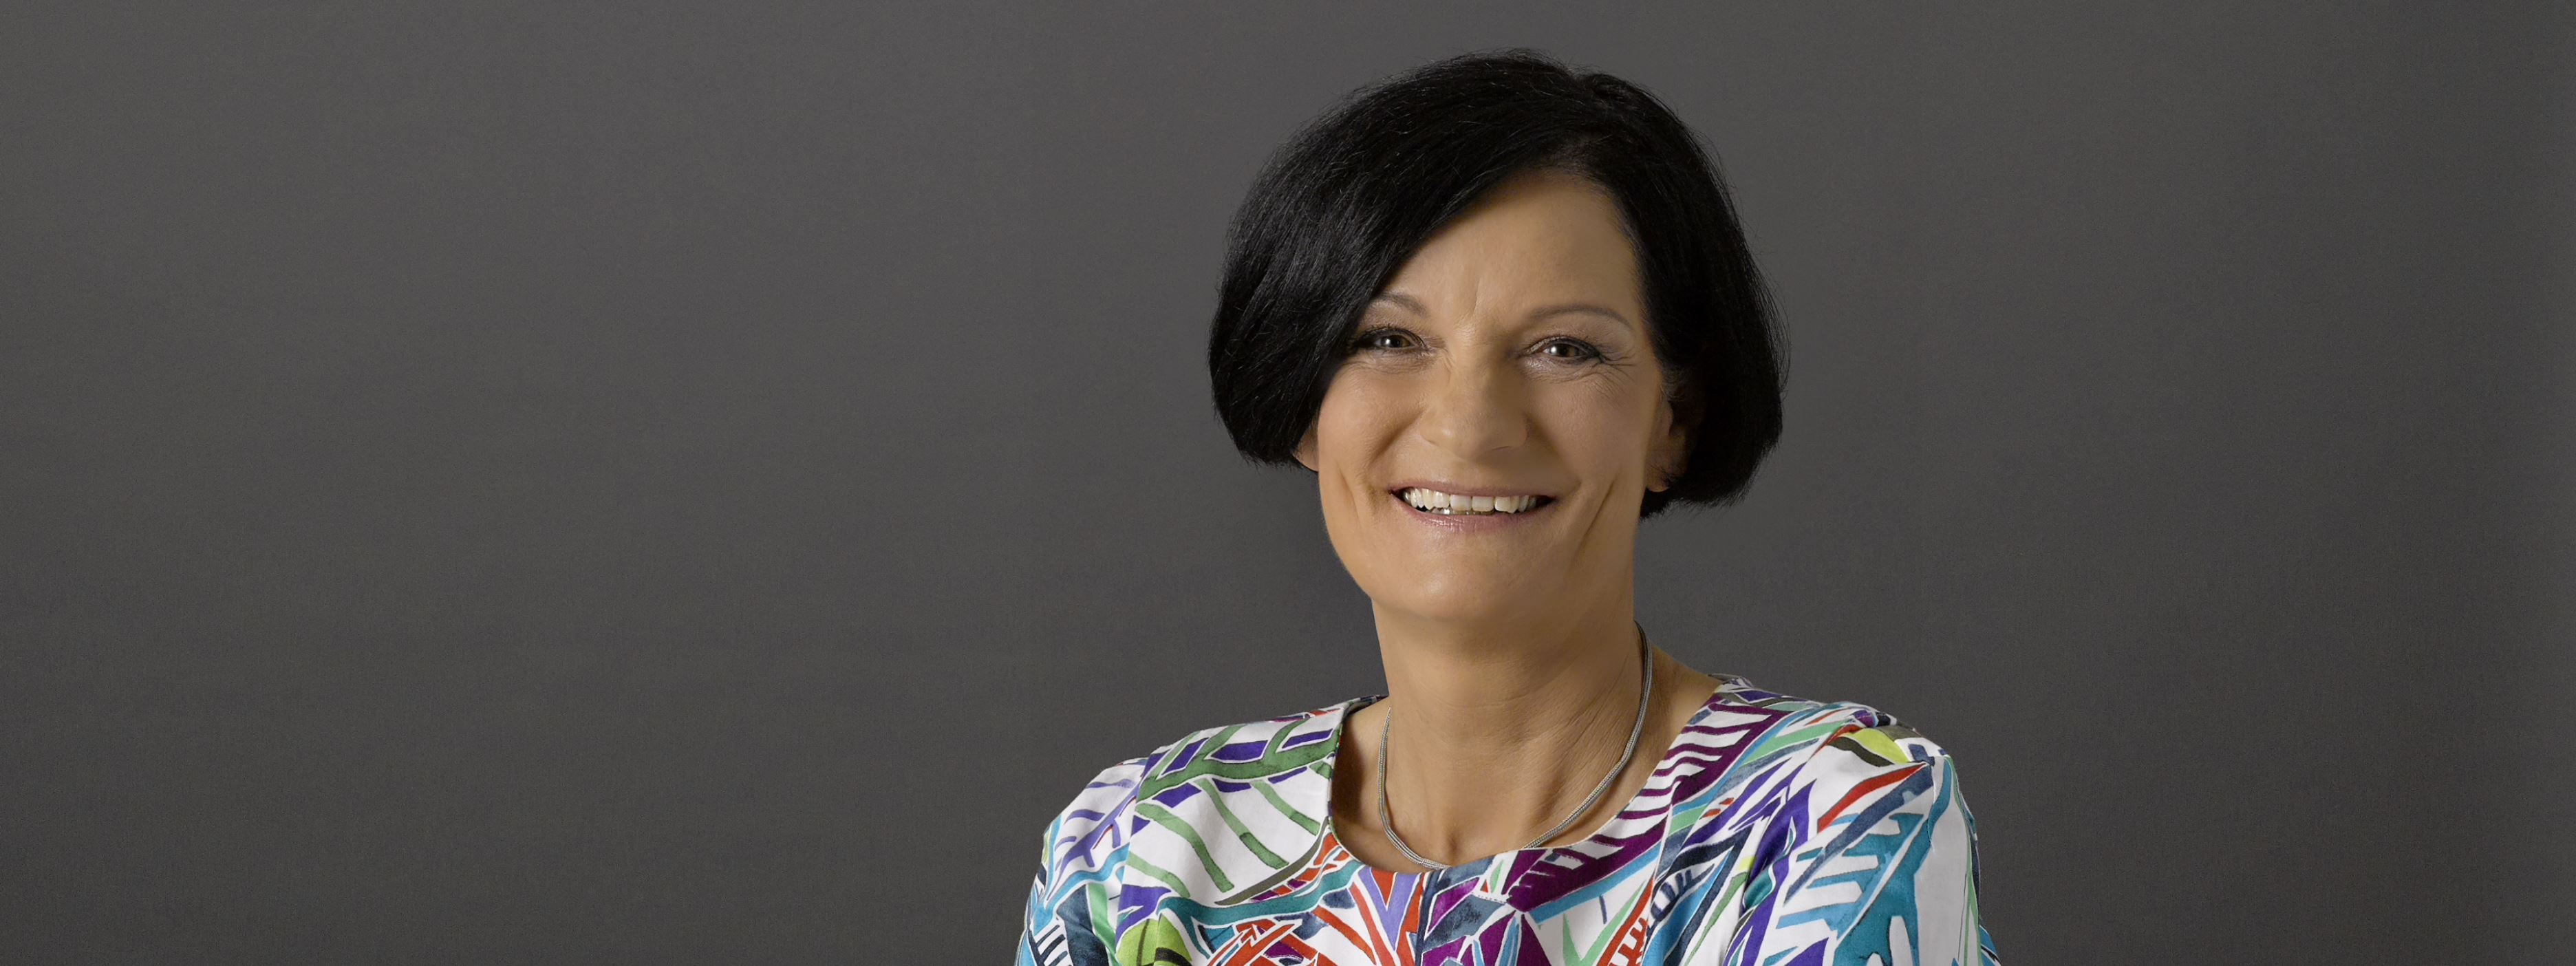 Hannelore Grafe, Bindungsenergetisches Coaching und Therapie